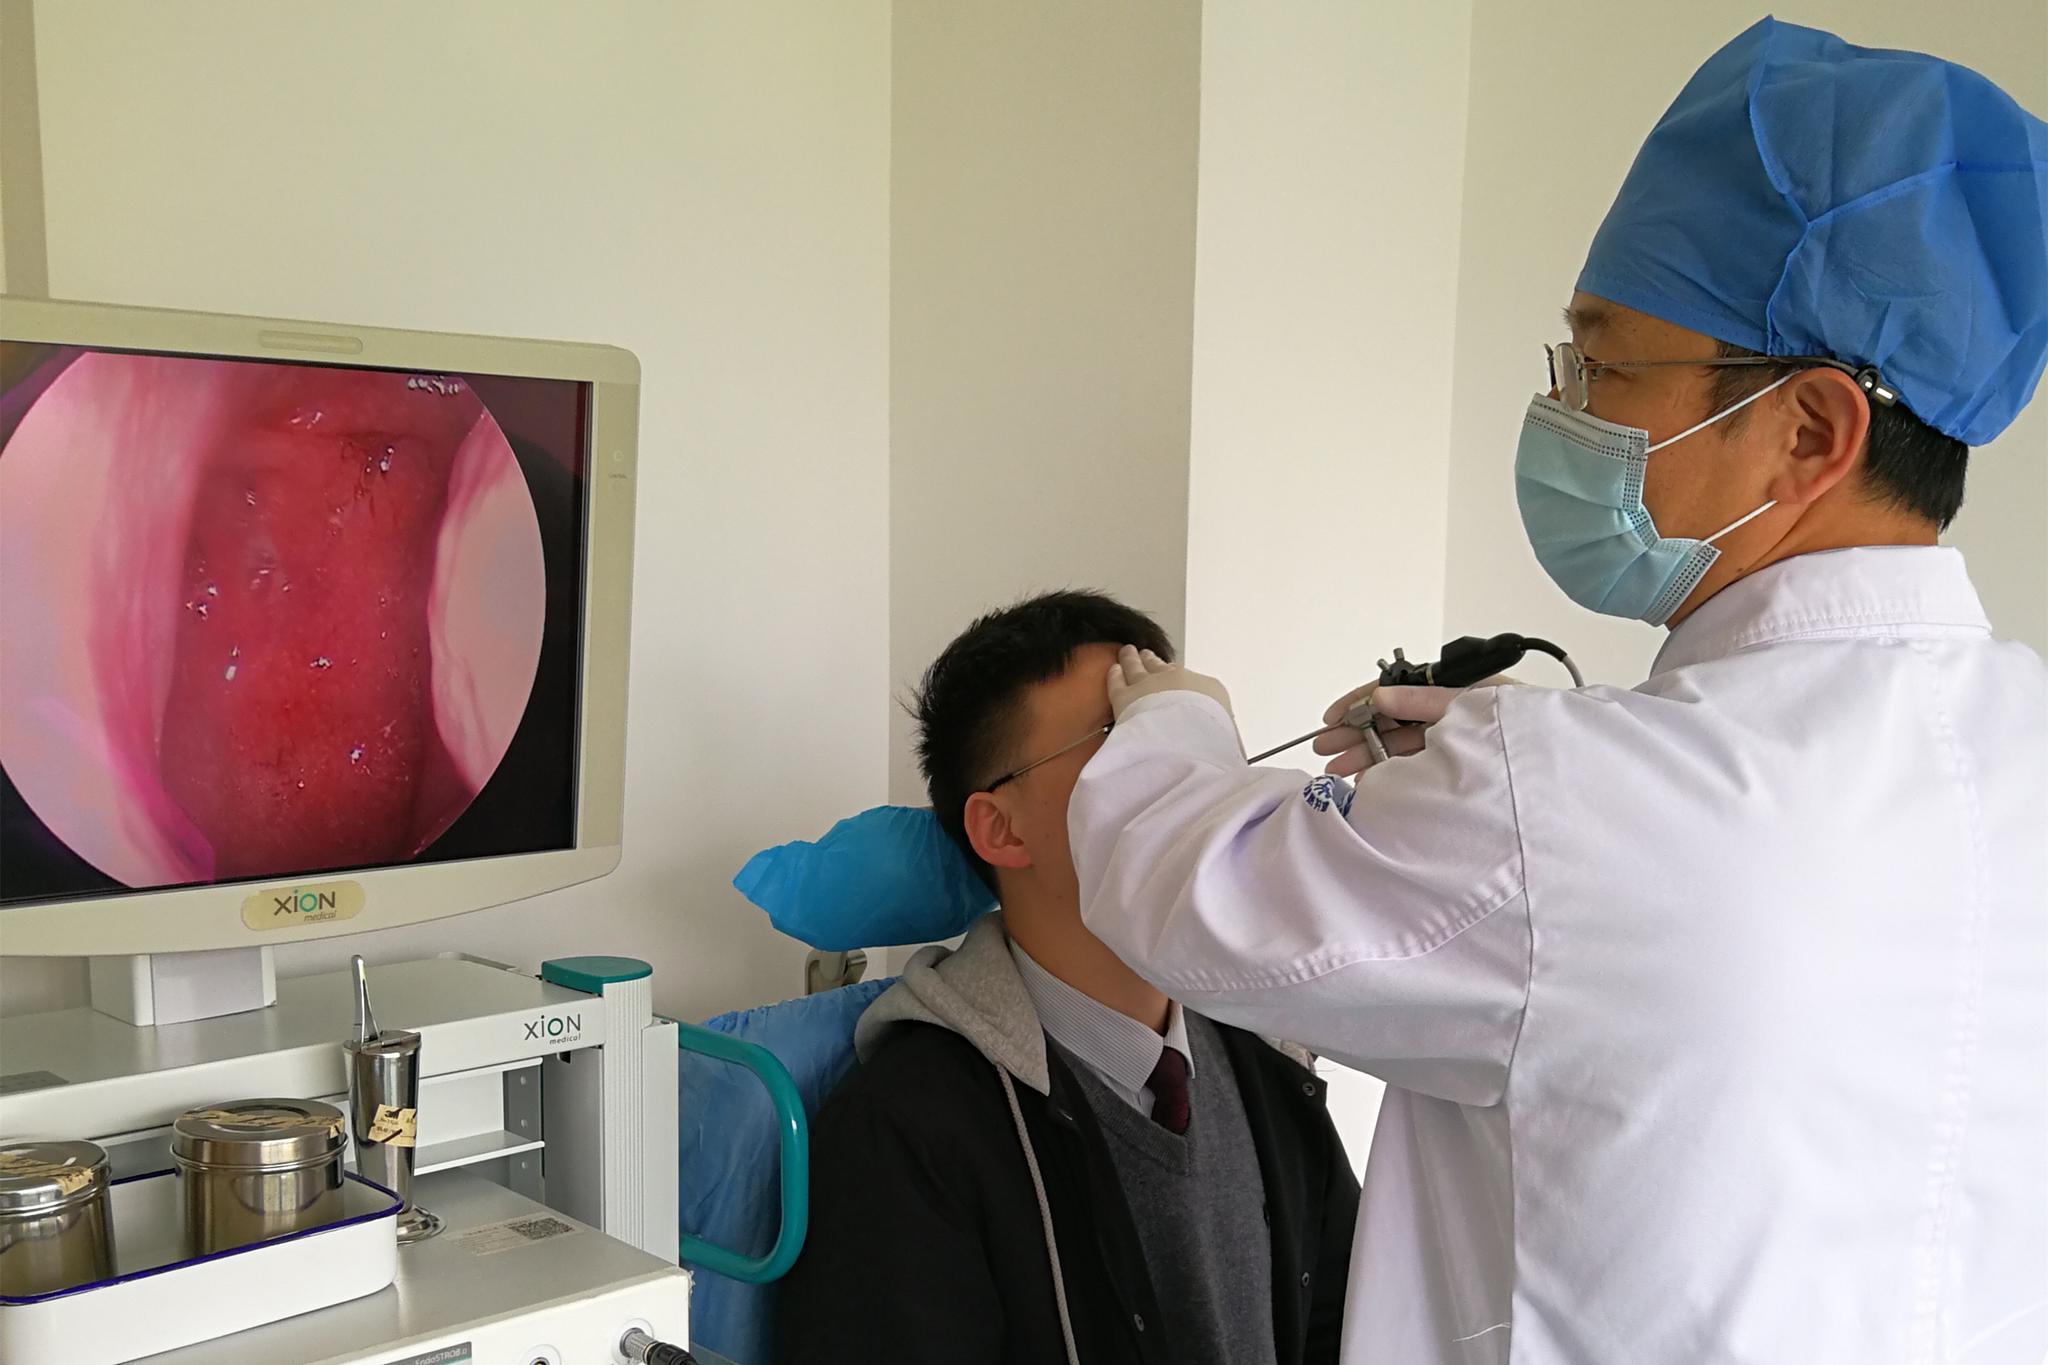 耳闷头痛还以为是中耳炎  结果竟确诊鼻咽癌